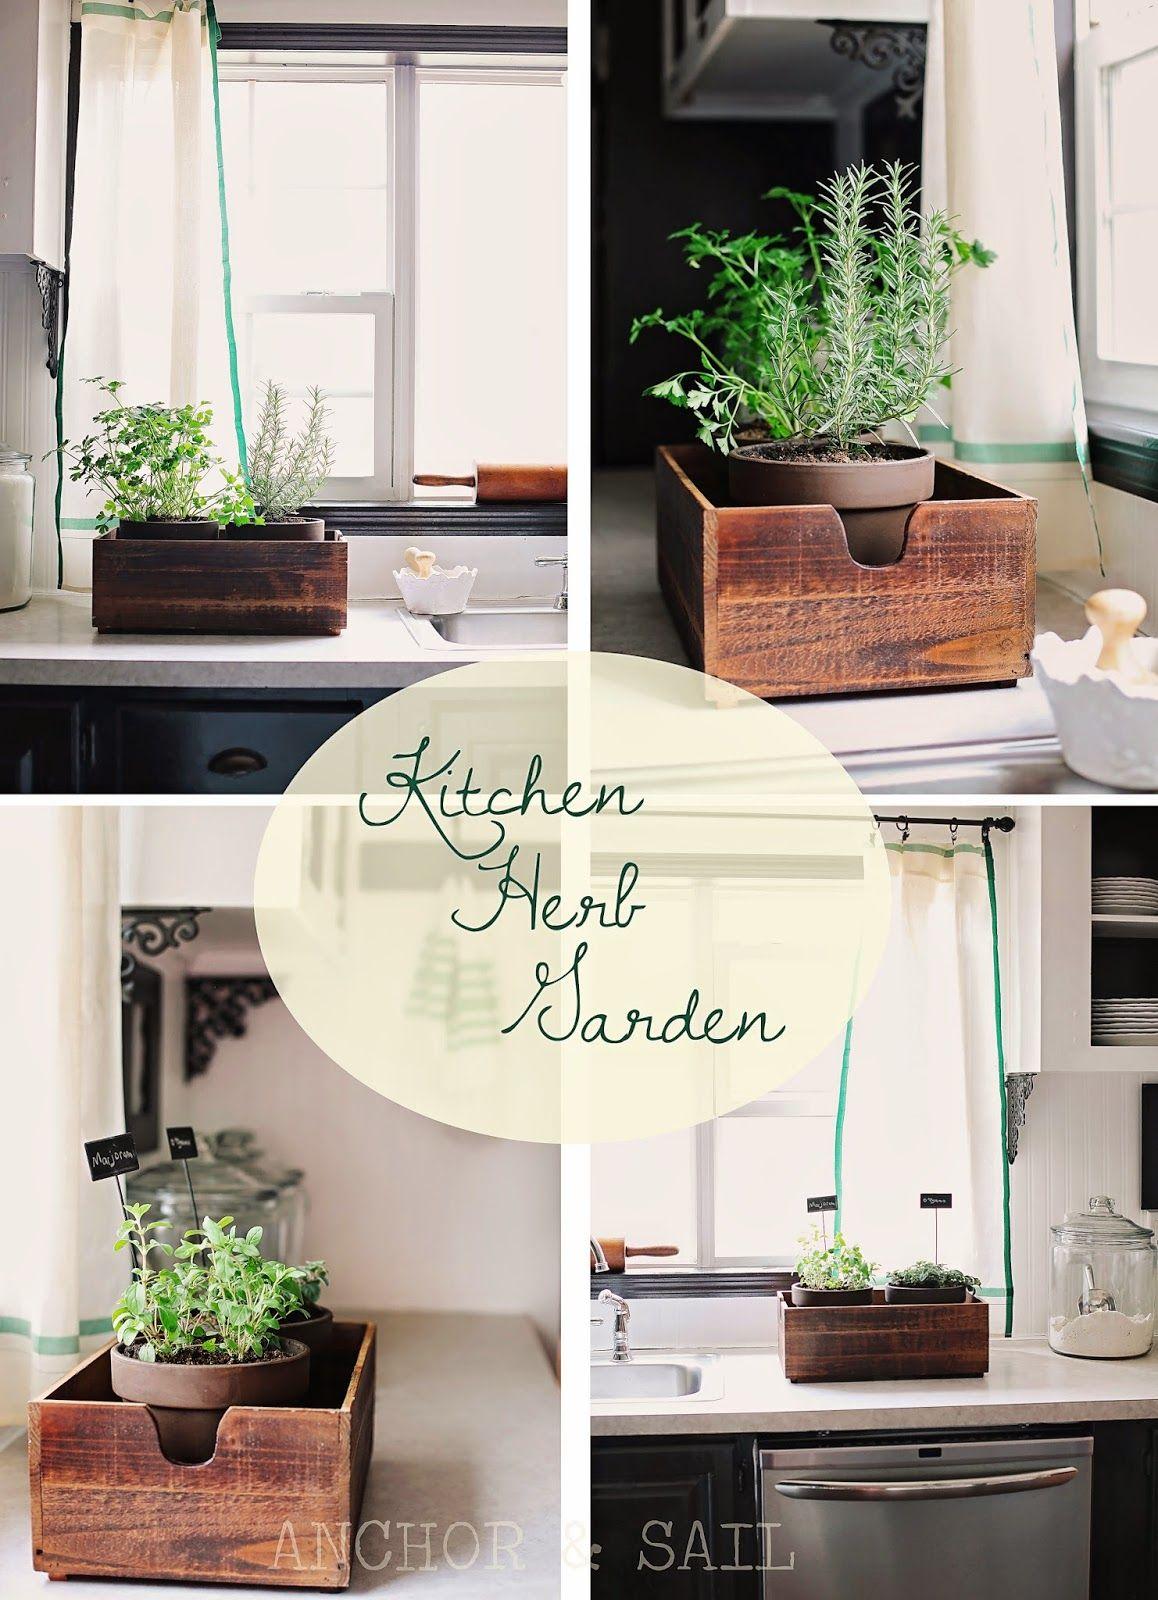 anchor sail kitchen herb garden herb garden in kitchen edible garden garden inspiration on outdoor kitchen herb garden id=93240